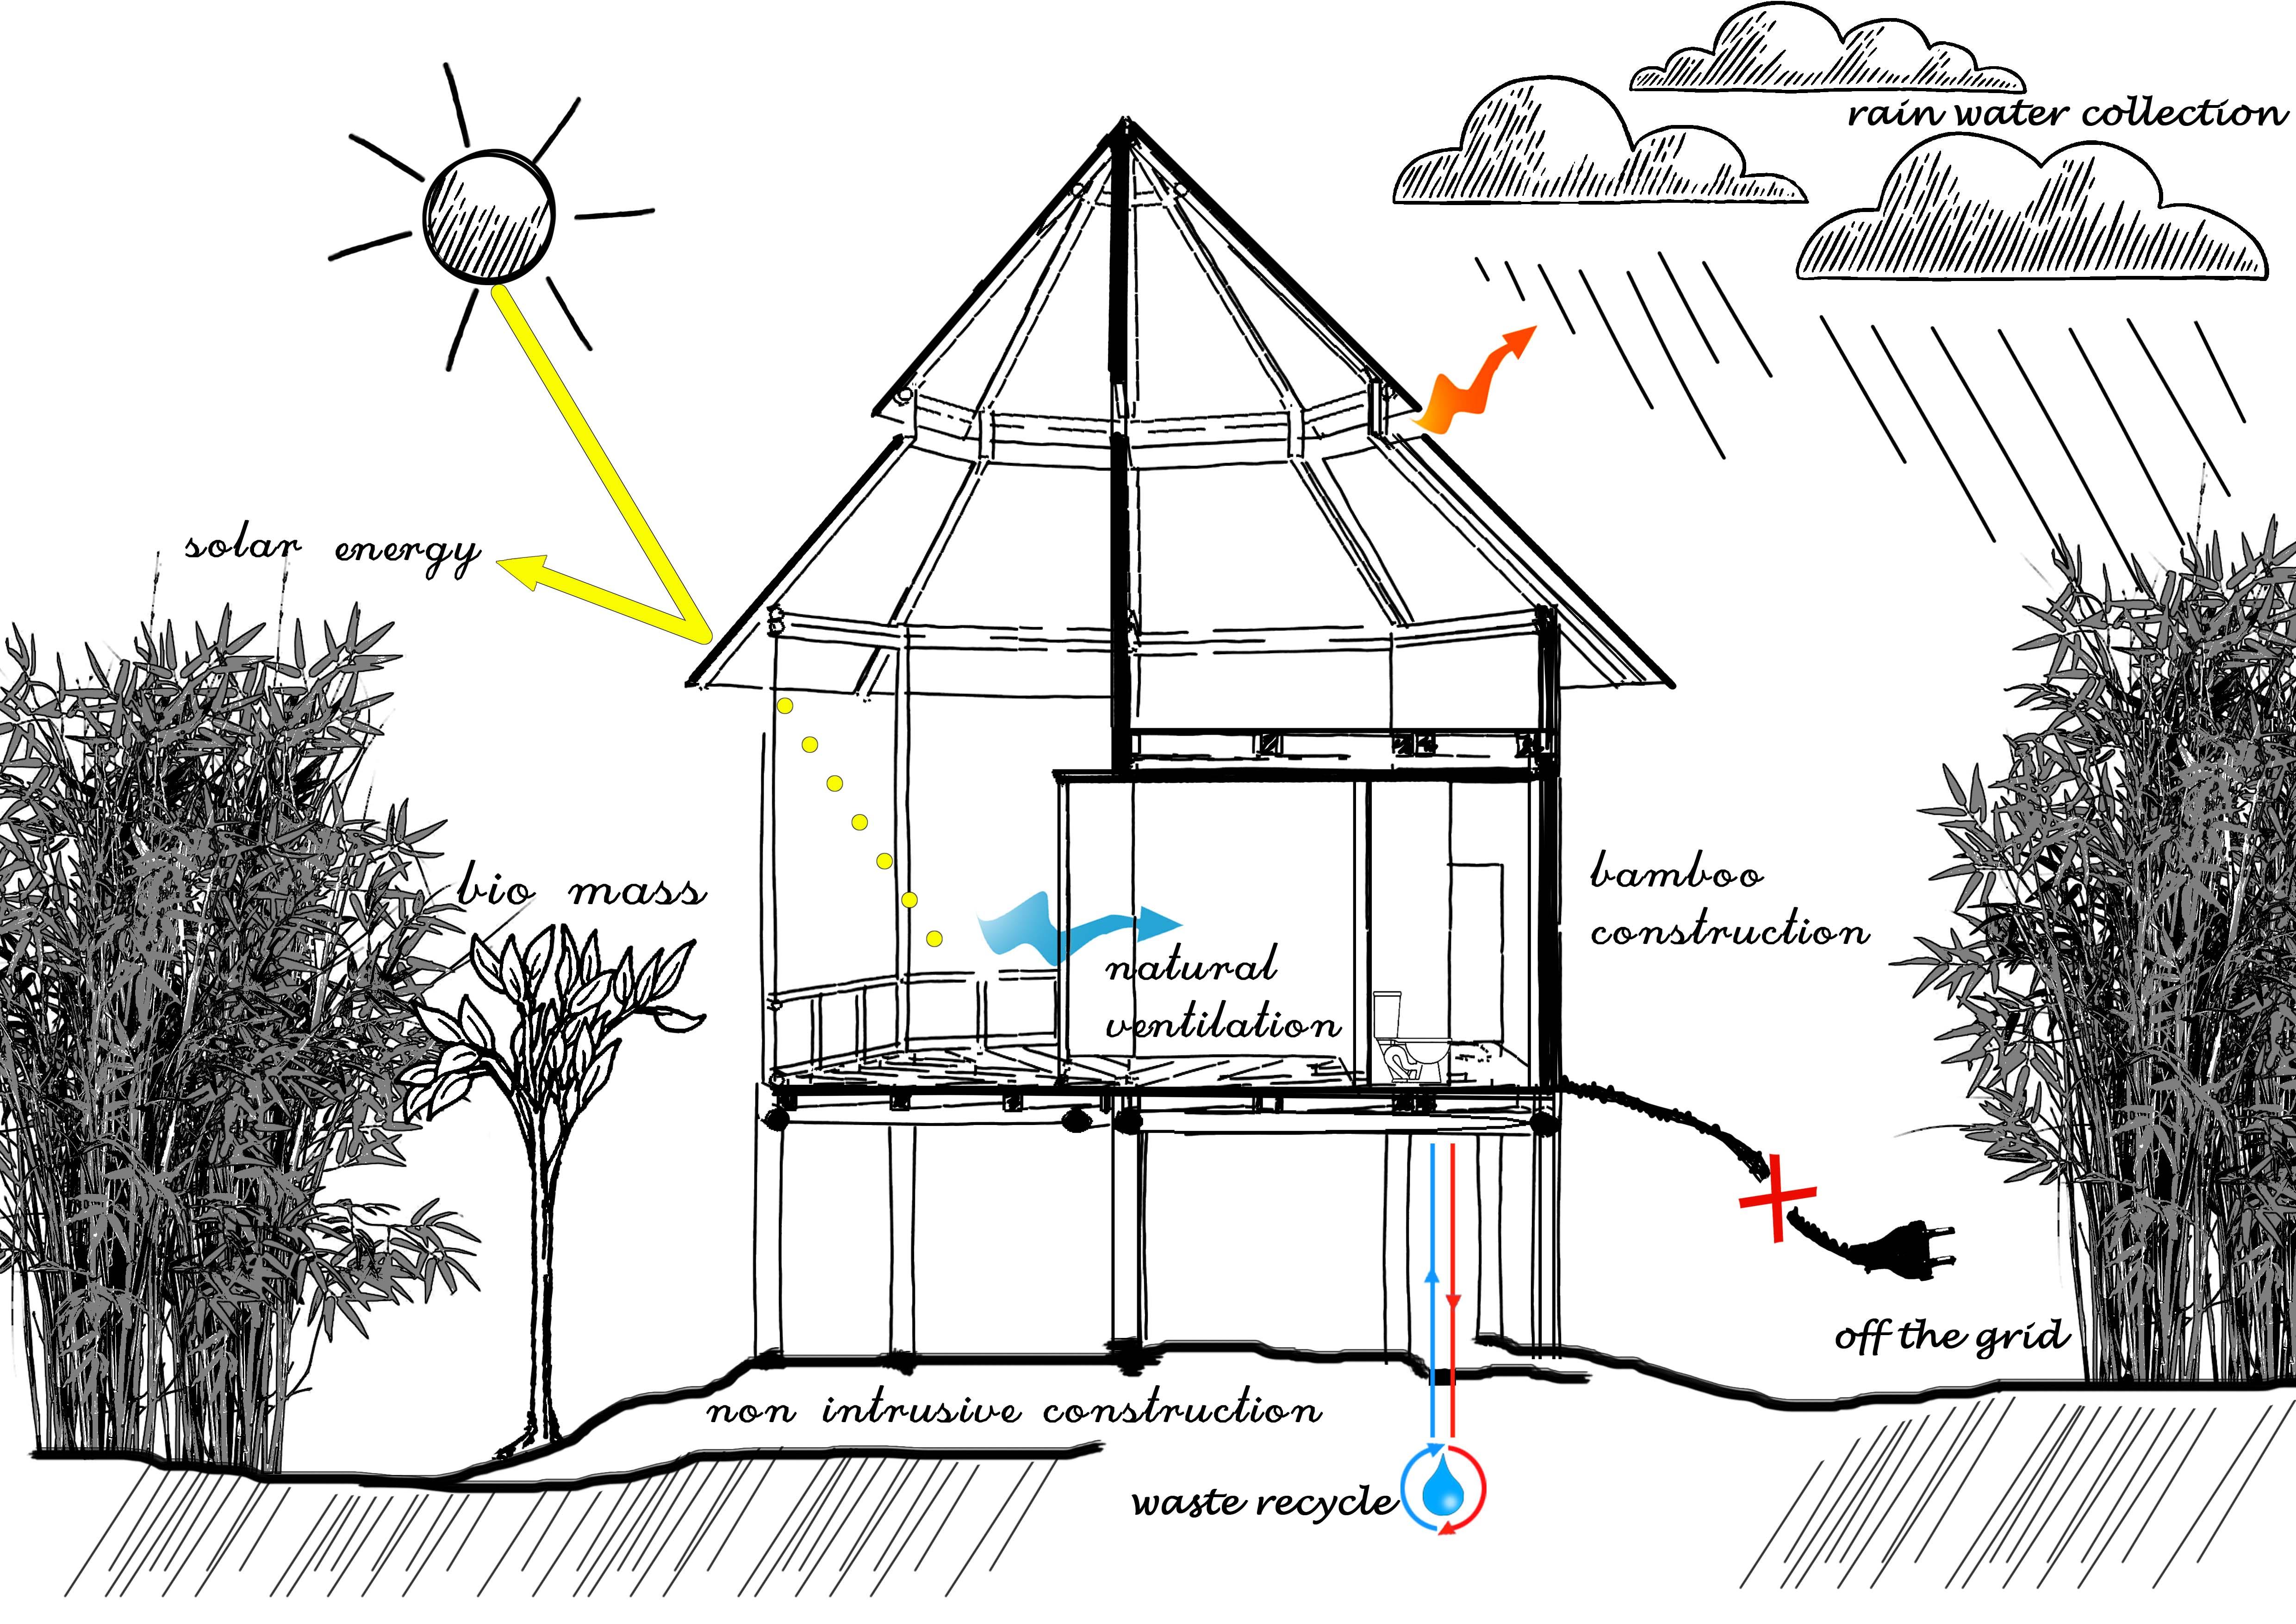 costa-rica-sustainable-architecture-sostenibile-sezione-climatica-climatic section